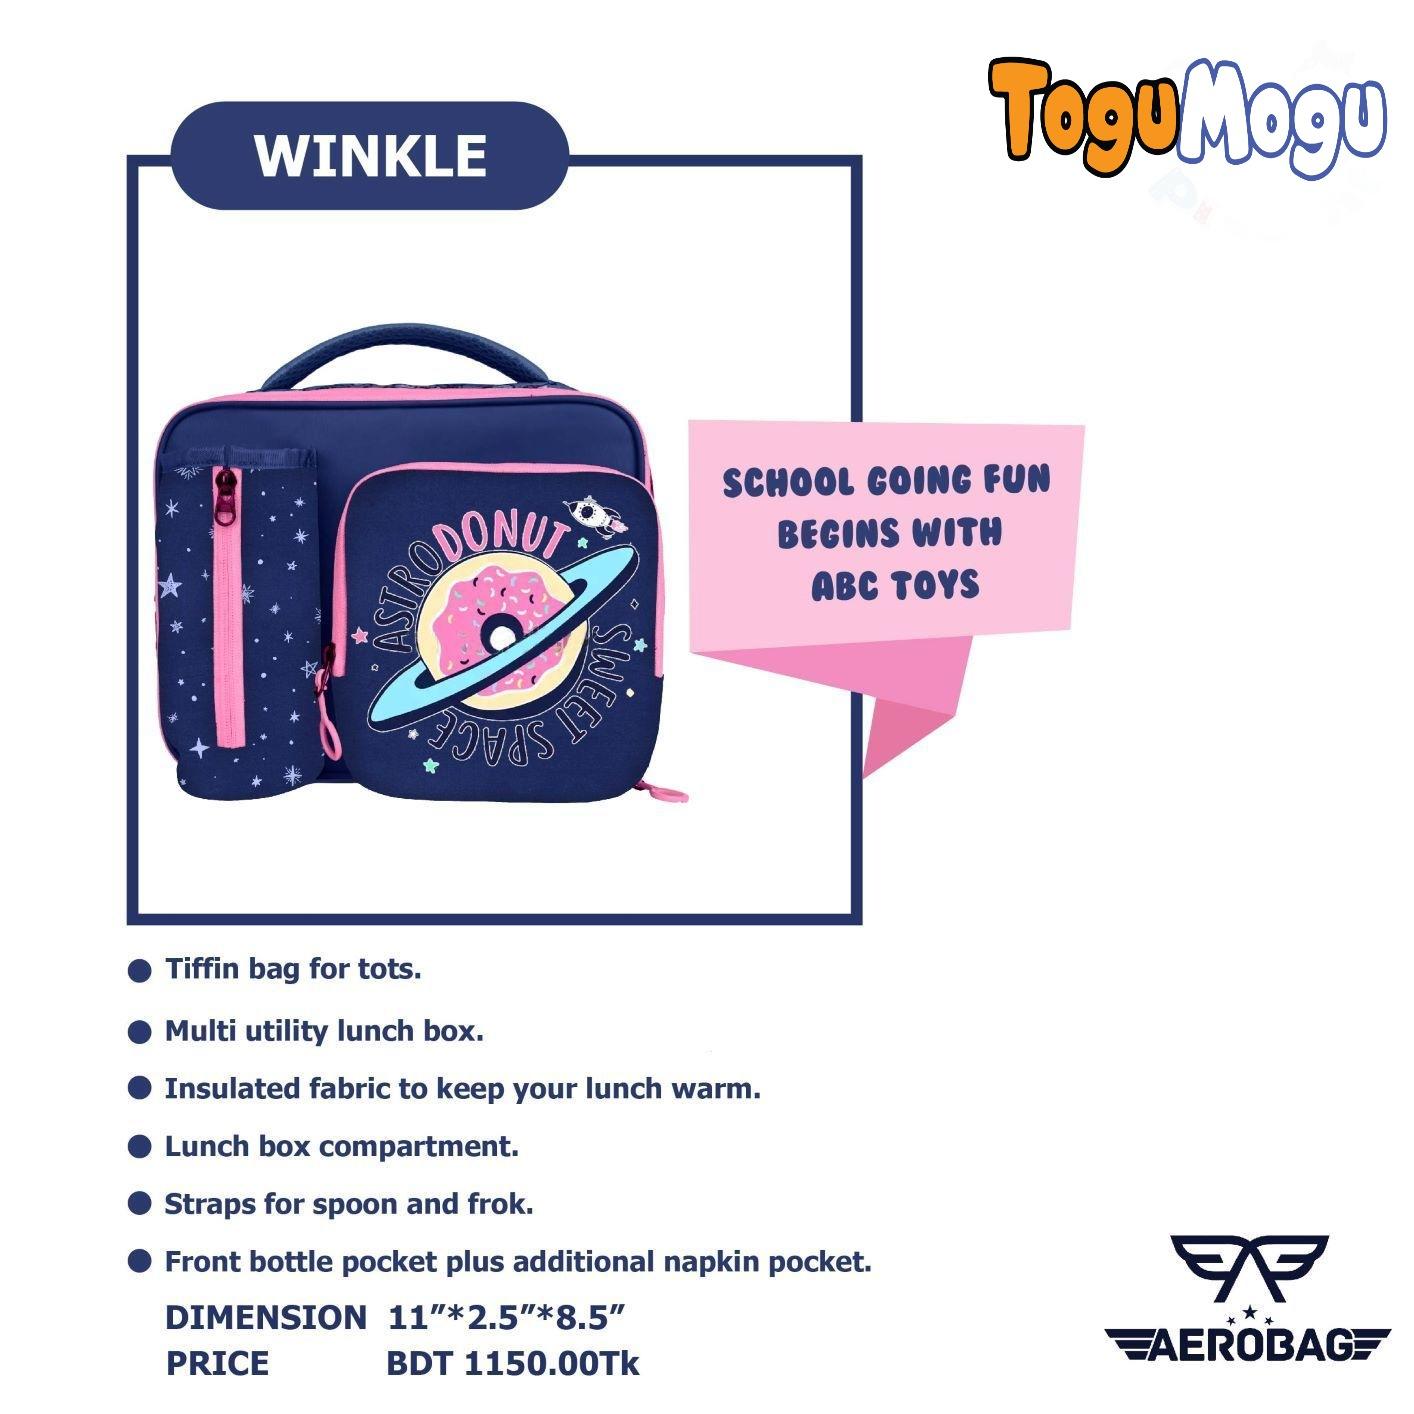 AEROBAG AER005 Winkle